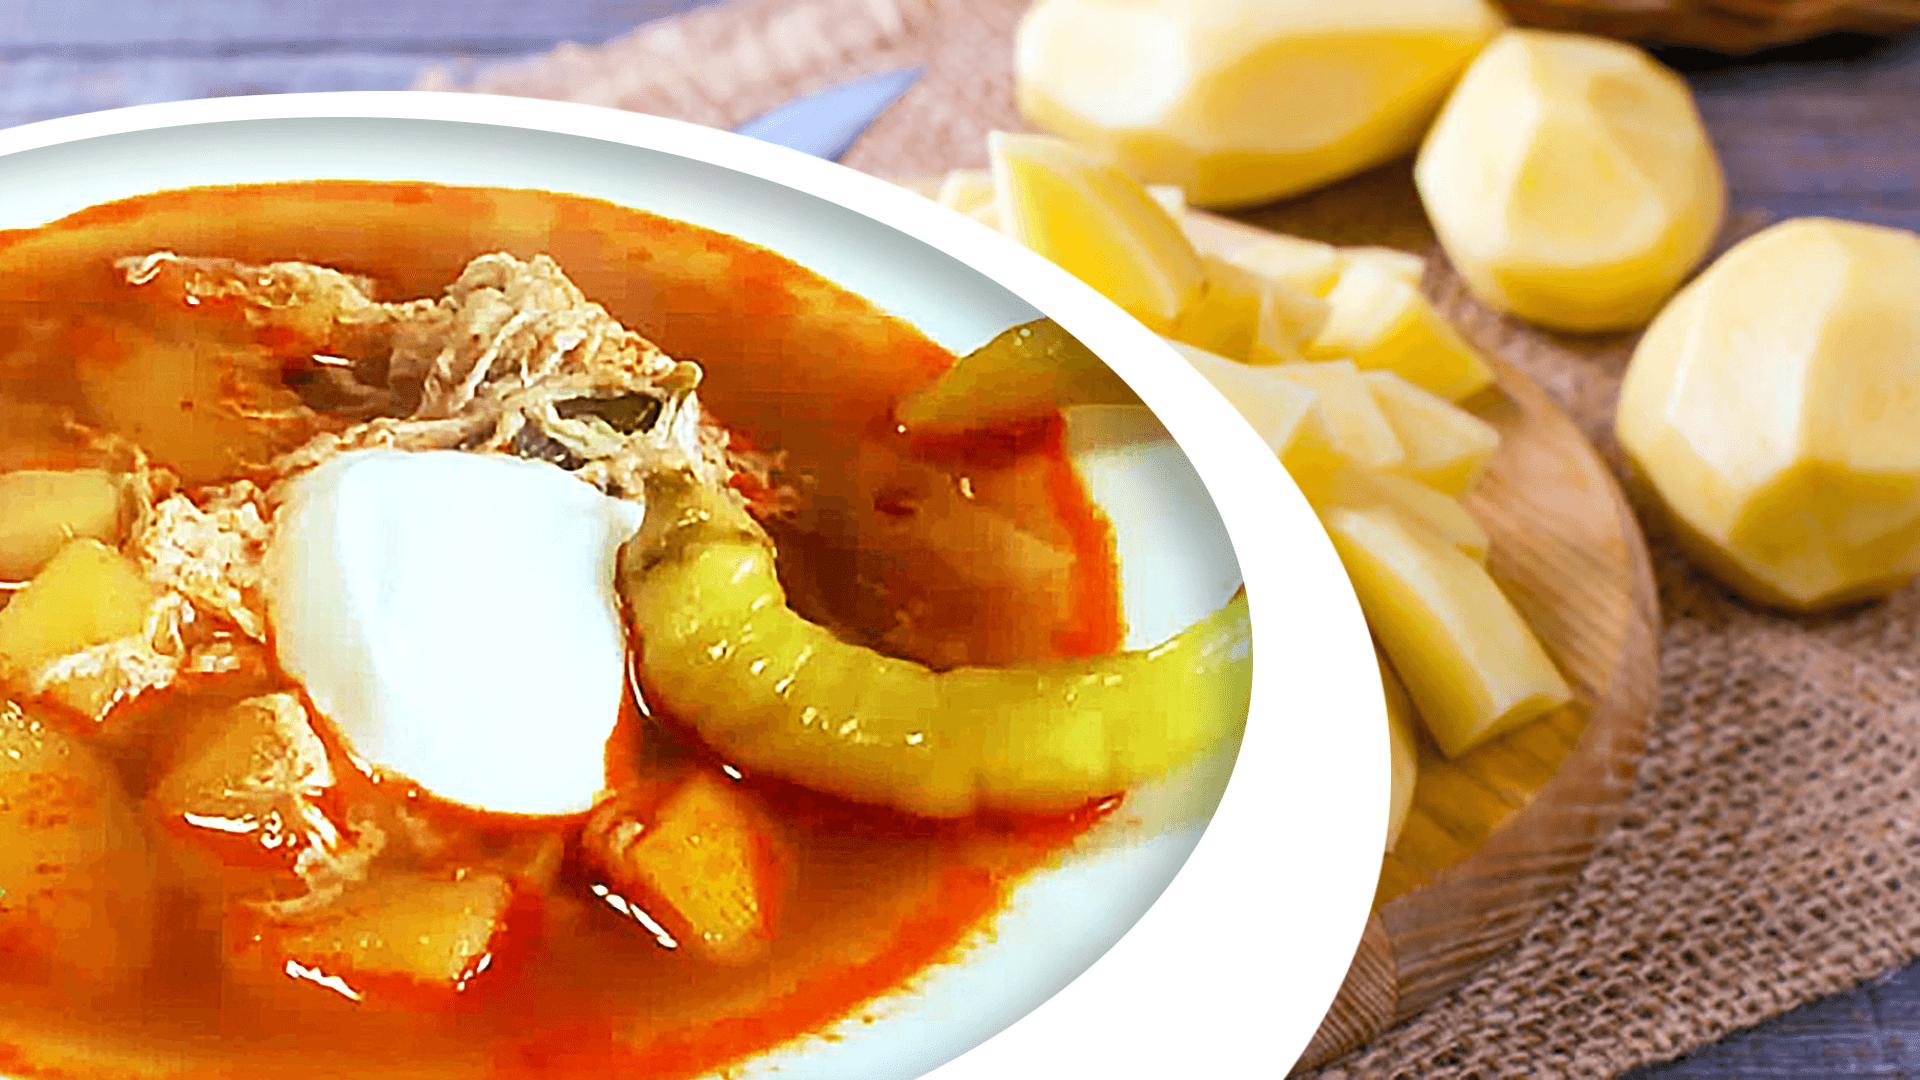 Homemade Potato Soup with Egg Drops - Easy Potato Soup Recipe